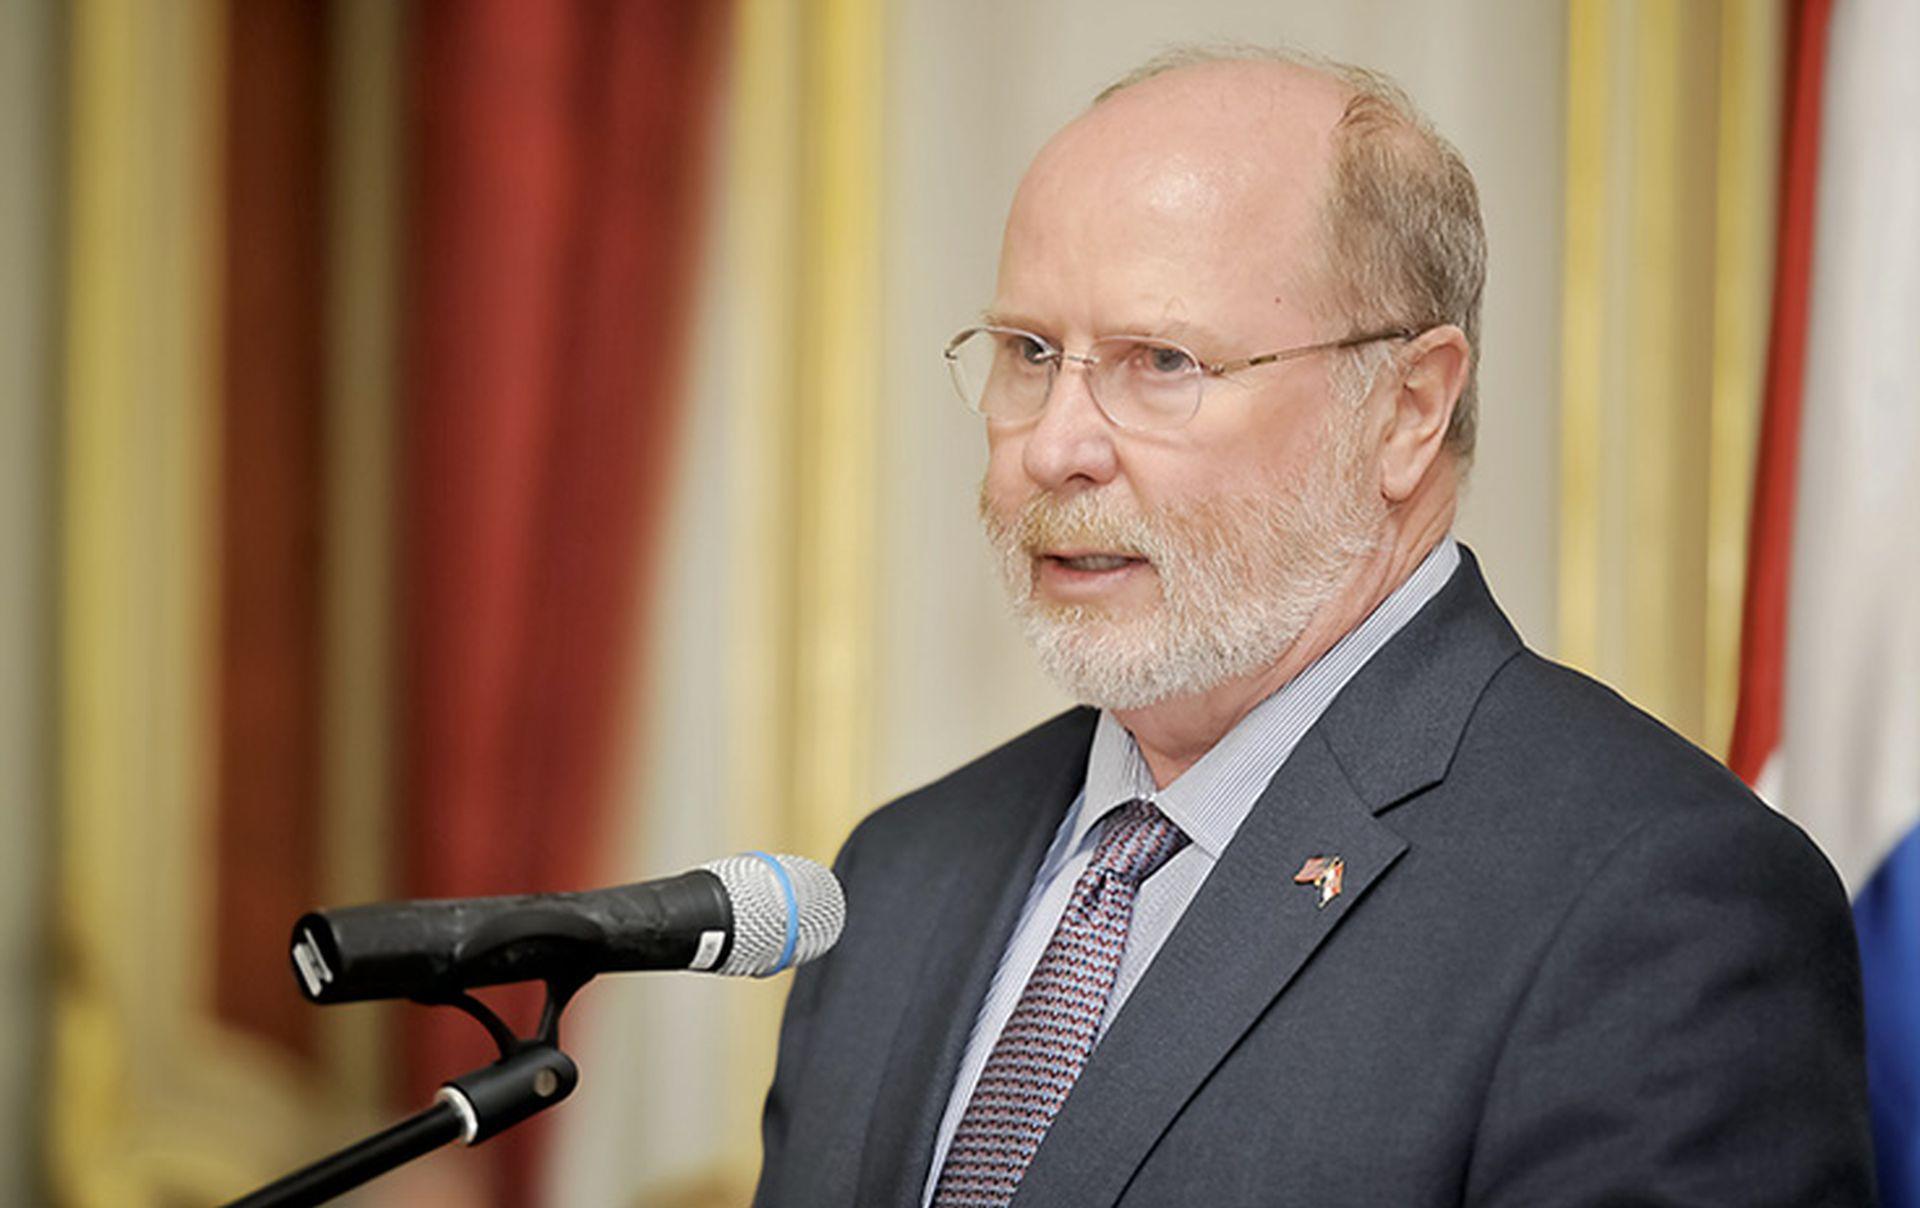 Američki veleposlanik želi pomoći da RH bude poželjna za biznis